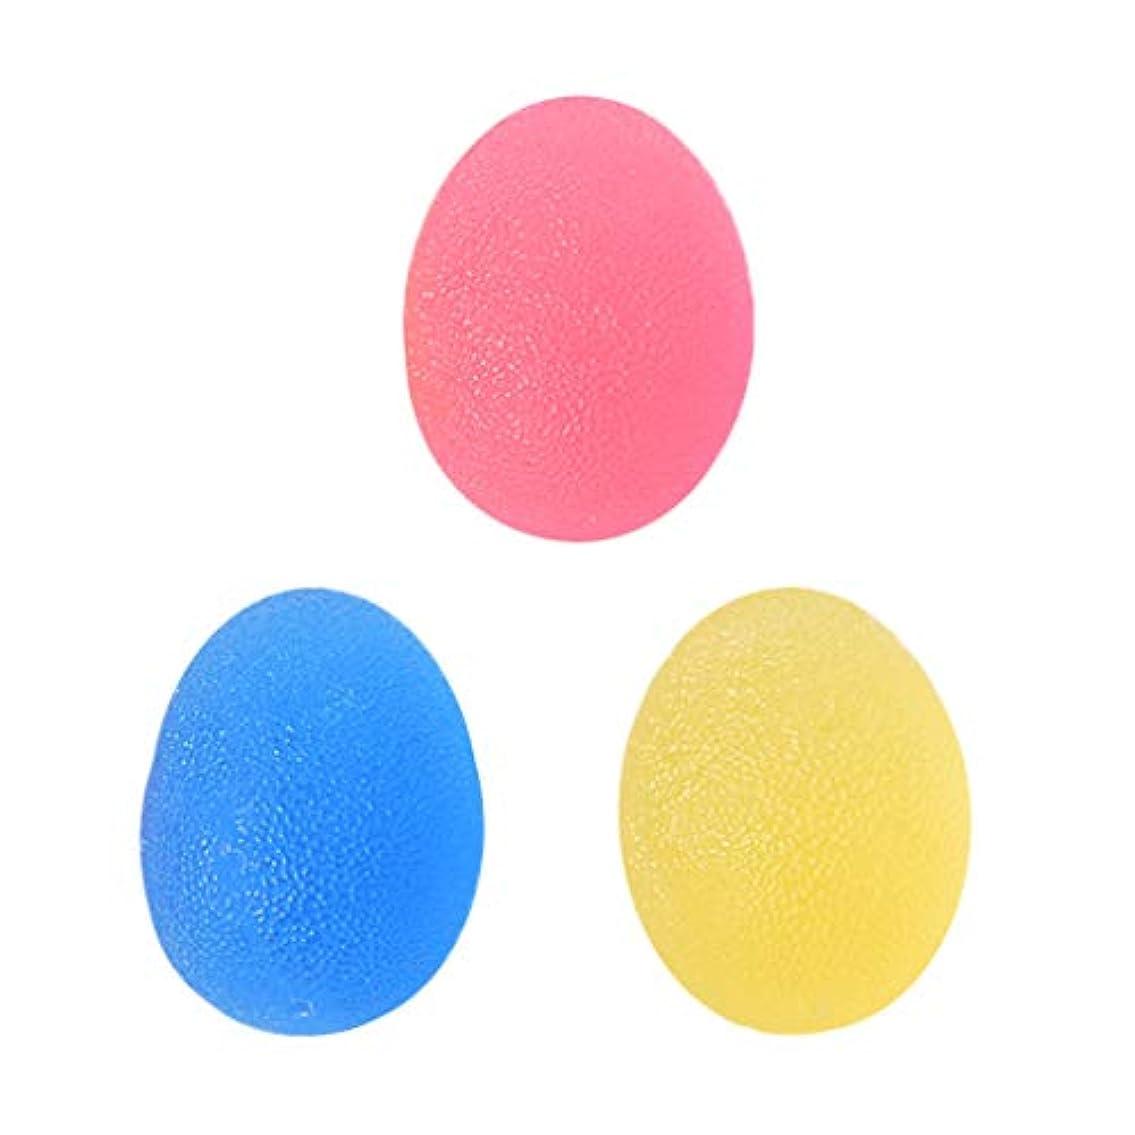 管理する夜間抽象化3個 ハンドエクササイザ スクイズボール ツボ押し 強度ボール TPE製